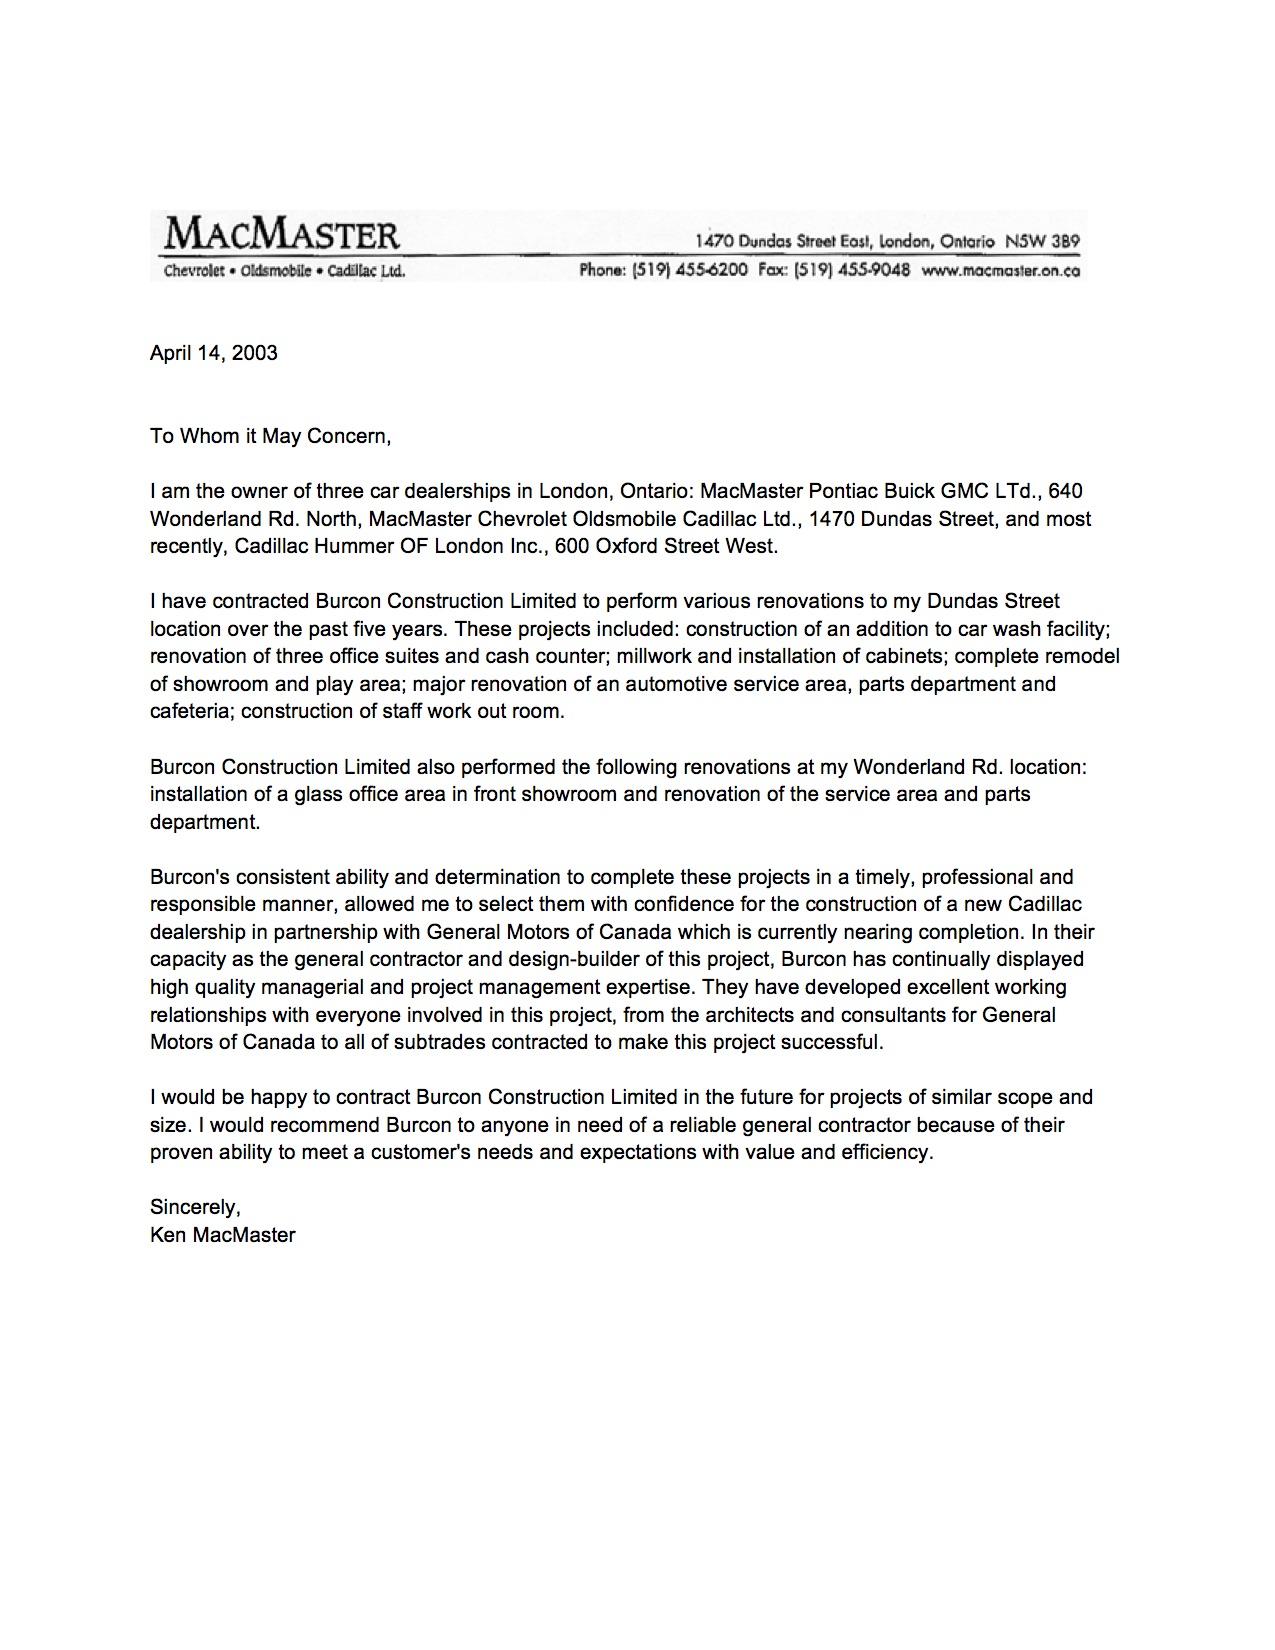 MacMaster Testimonial  Complete.jpg